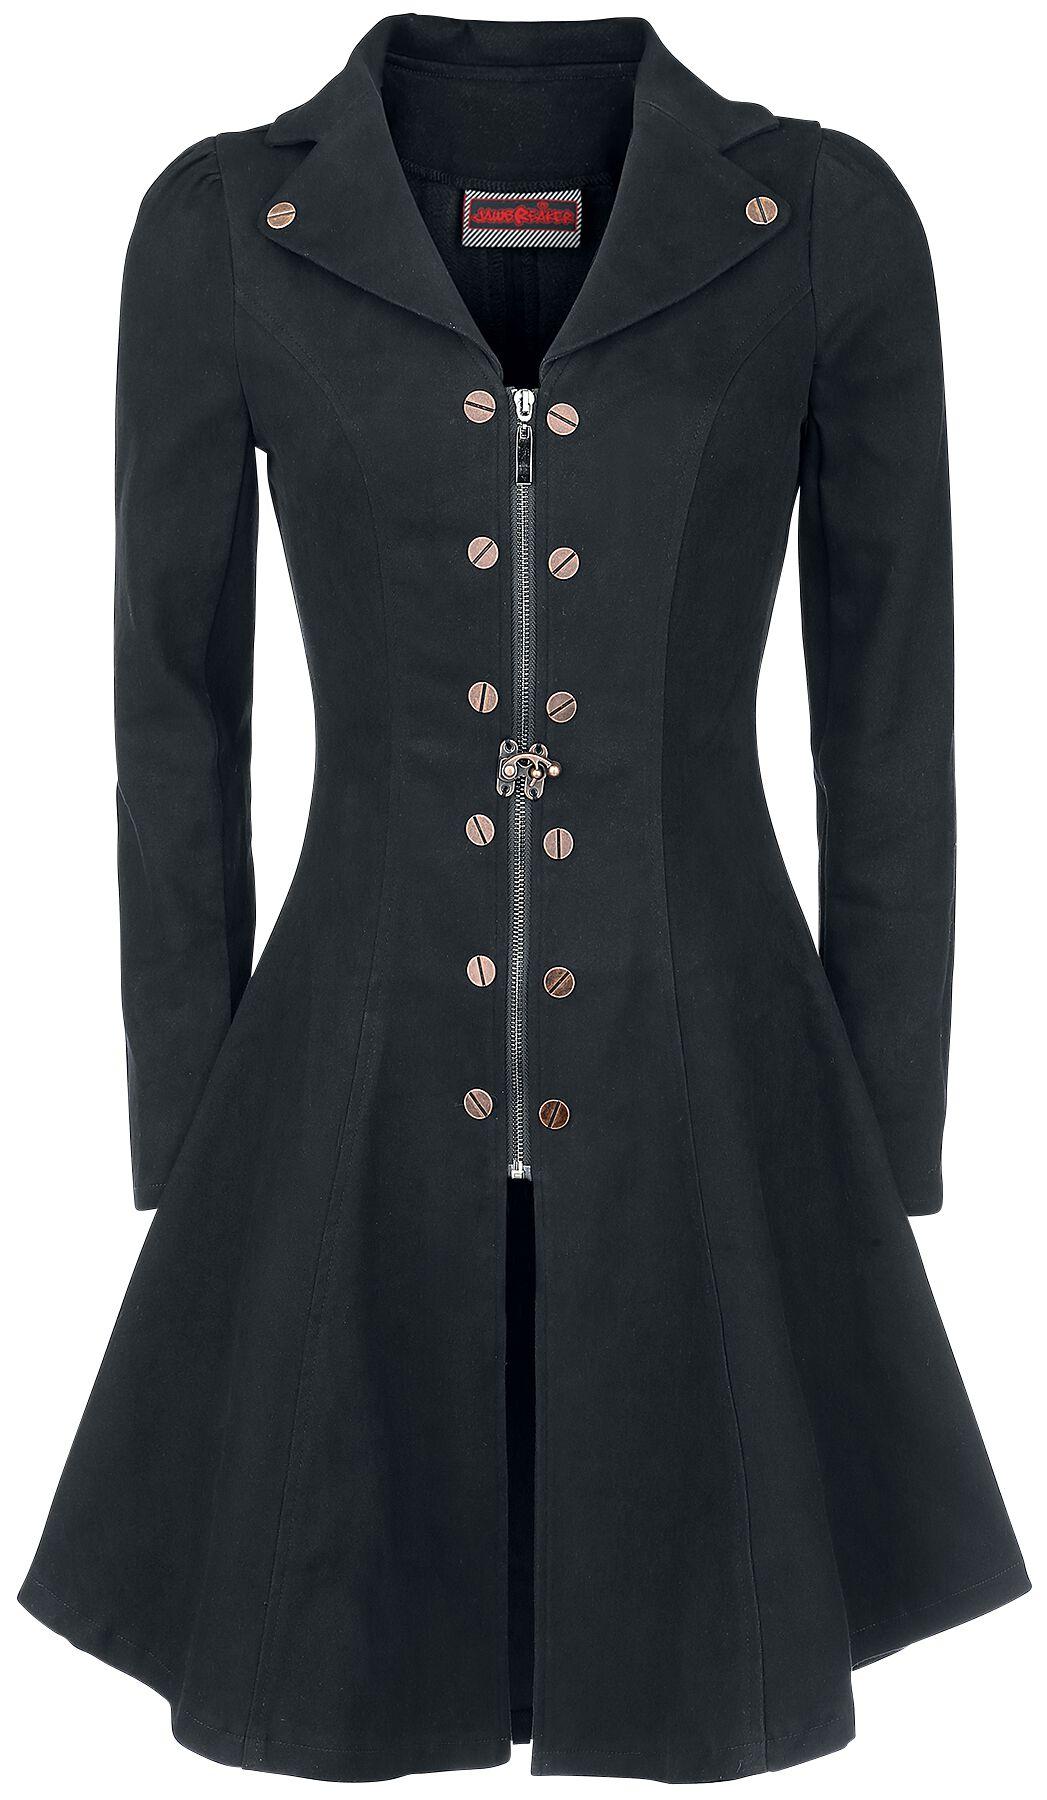 Marki - Płaszcze - Płaszcz damski Jawbreaker Lovely Coat Płaszcz damski czarny - 330185